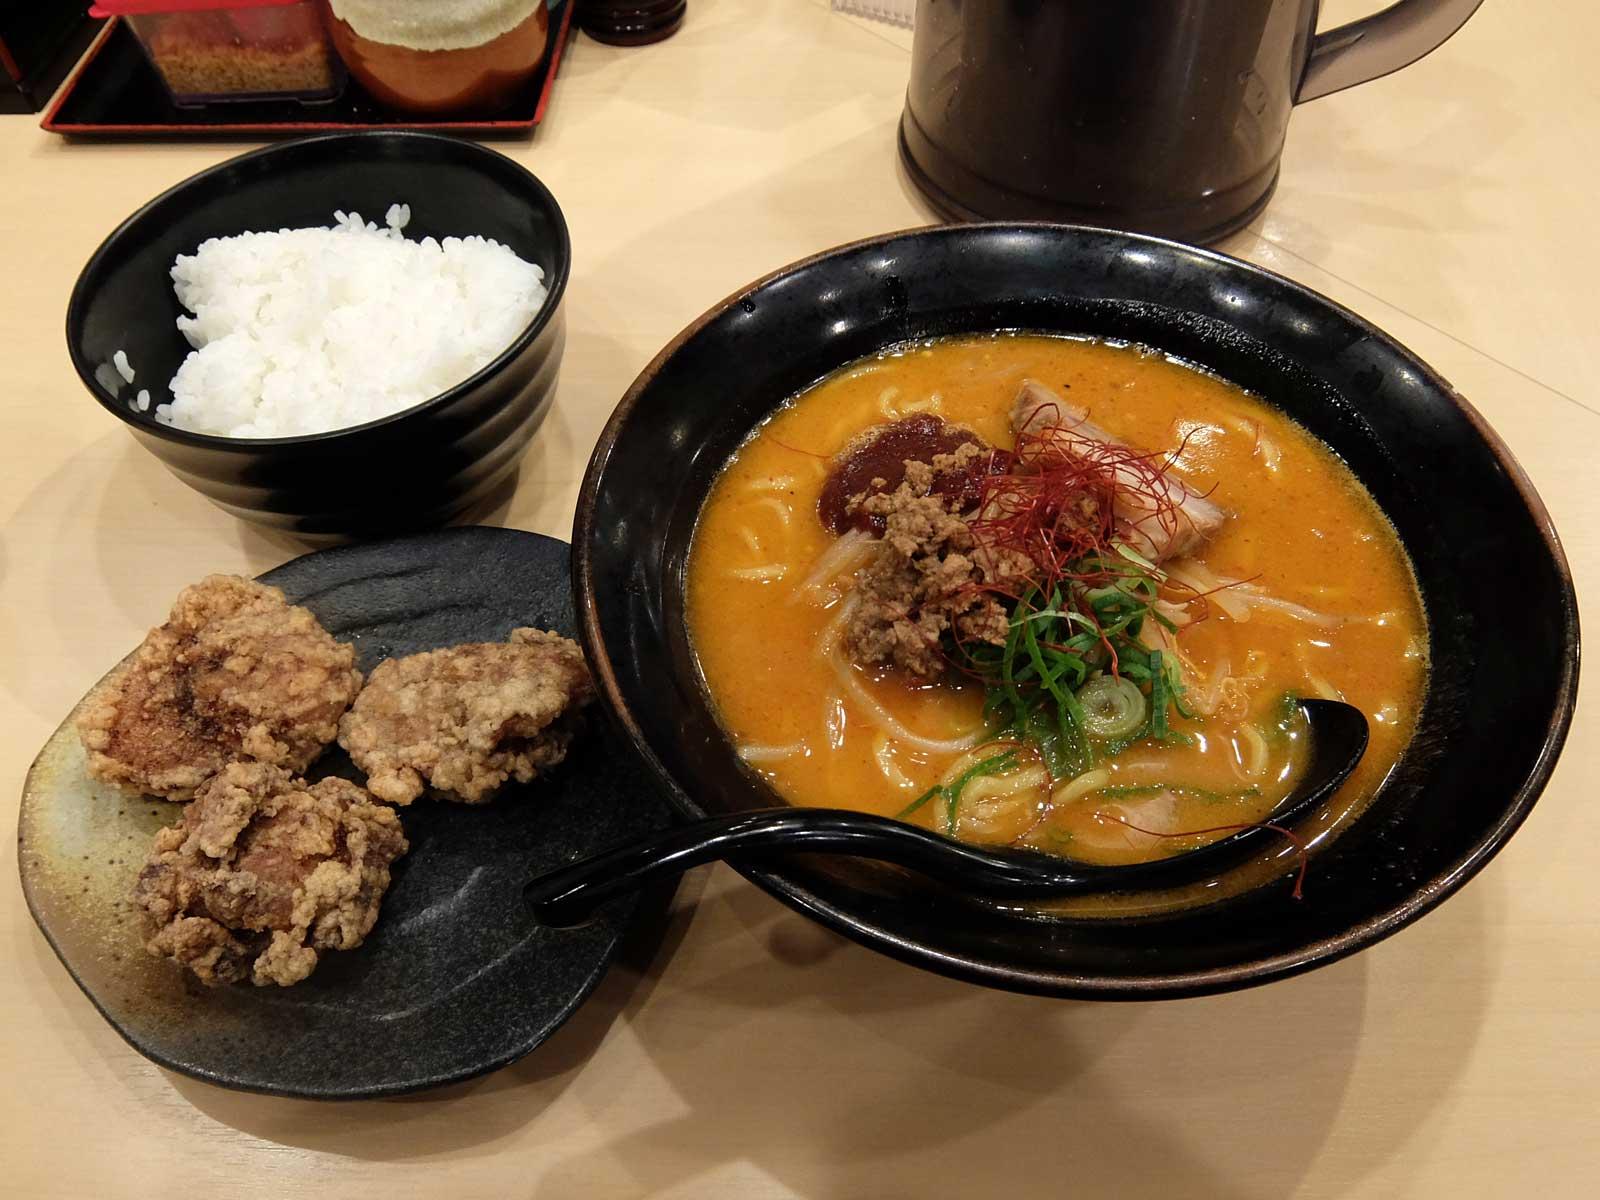 辛味噌ラーメン「麺乃國+ 味噌物語」in 梅田 大阪